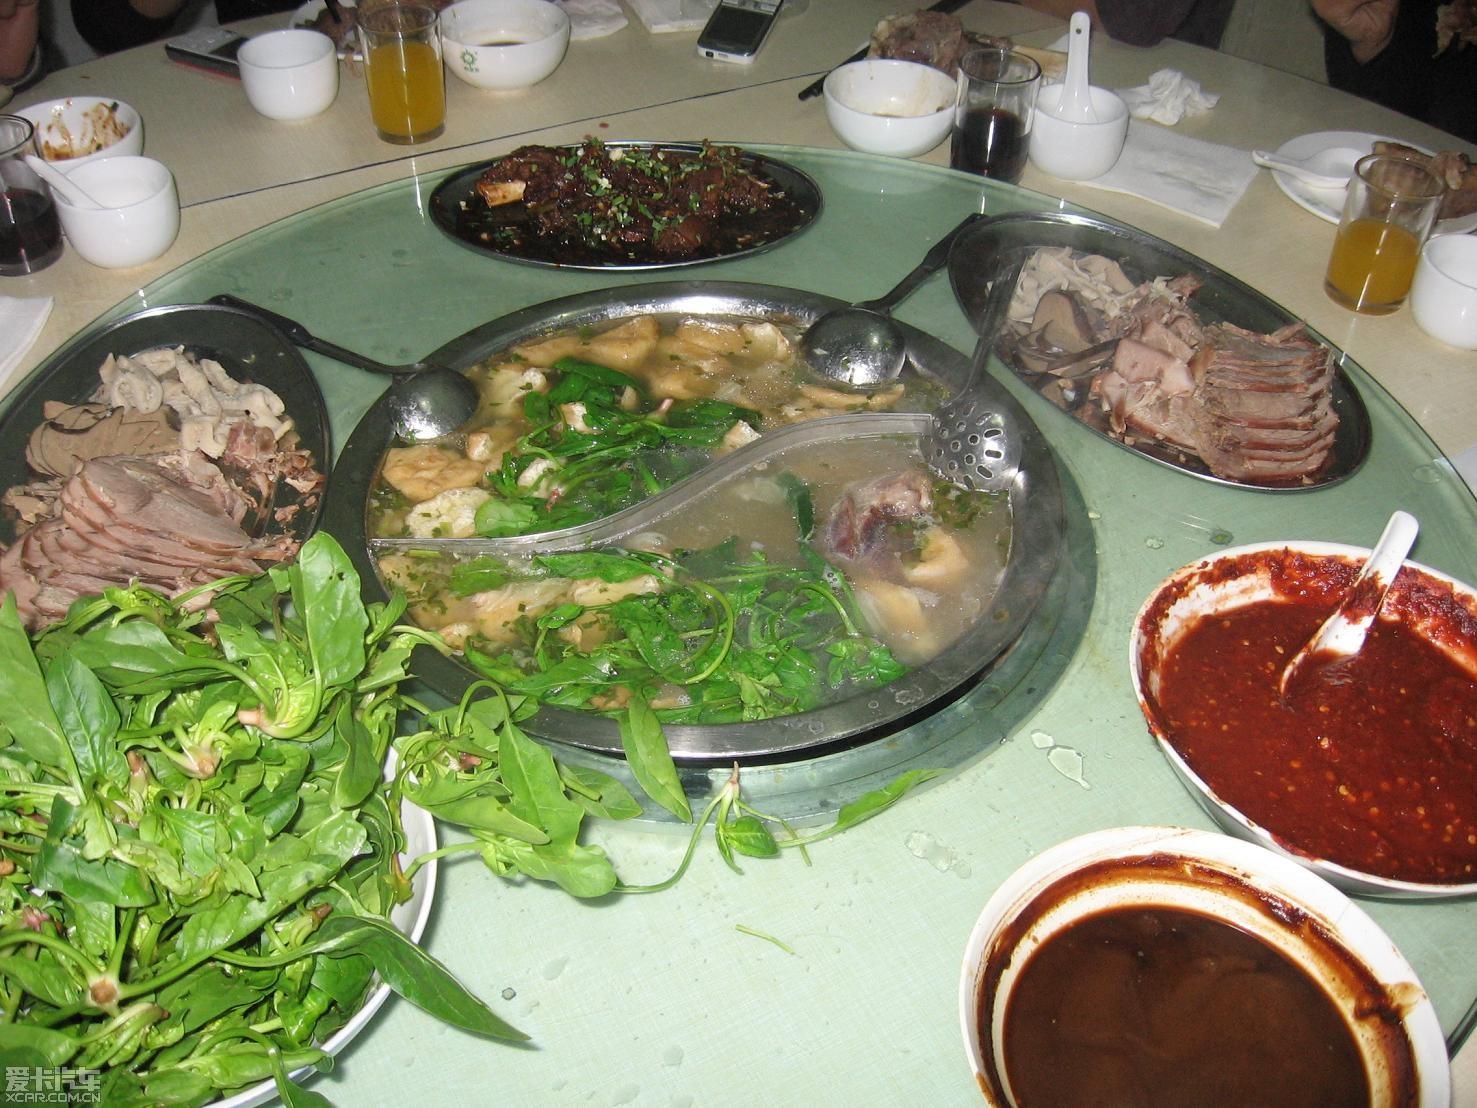 【羊肉】常熟卡友小型FB浒浦清汤高中fbv羊肉现在精华其林图片